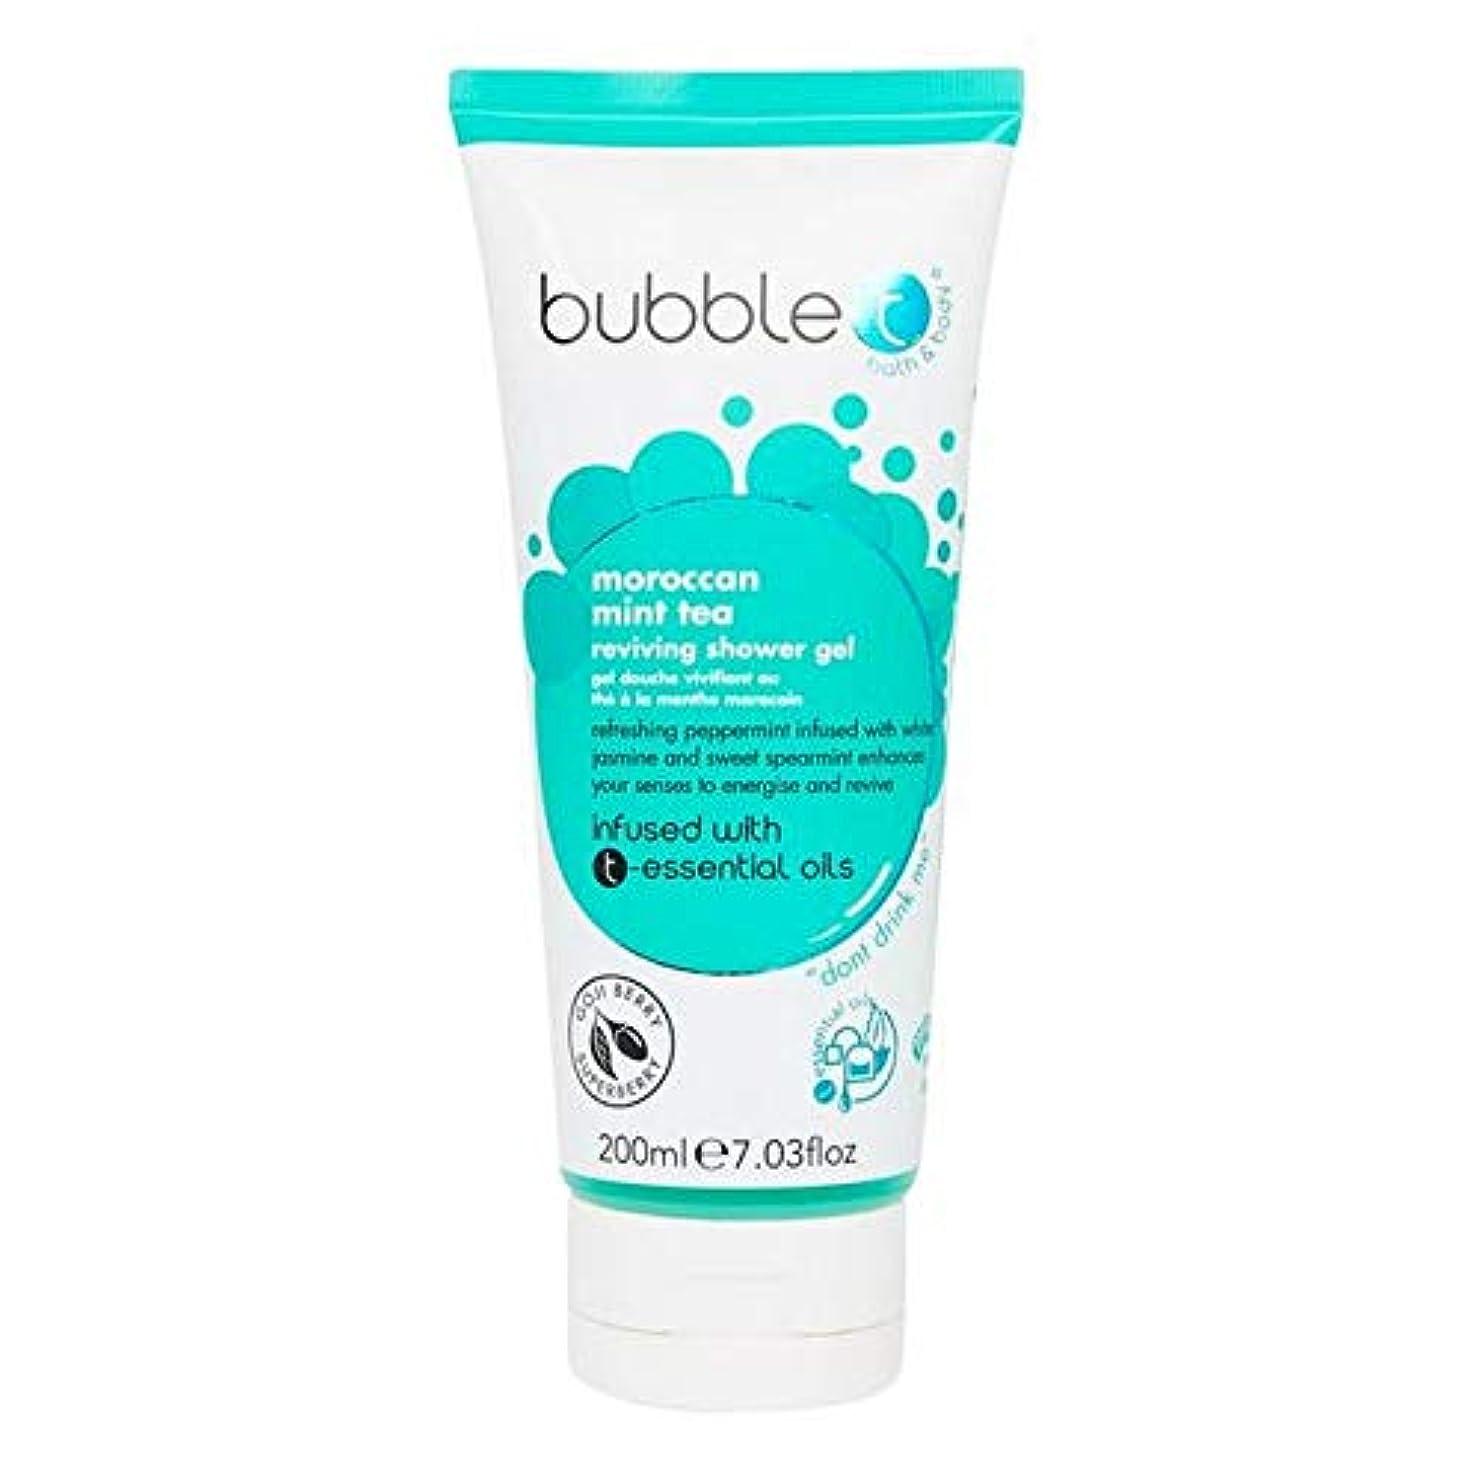 送ったストリーム提供する[Bubble T ] バブルトン化粧品シャワージェル、モロッコのミントティーを200ミリリットル - Bubble T Cosmetics Shower Gel, Moroccan Mint Tea 200ml [並行輸入品]